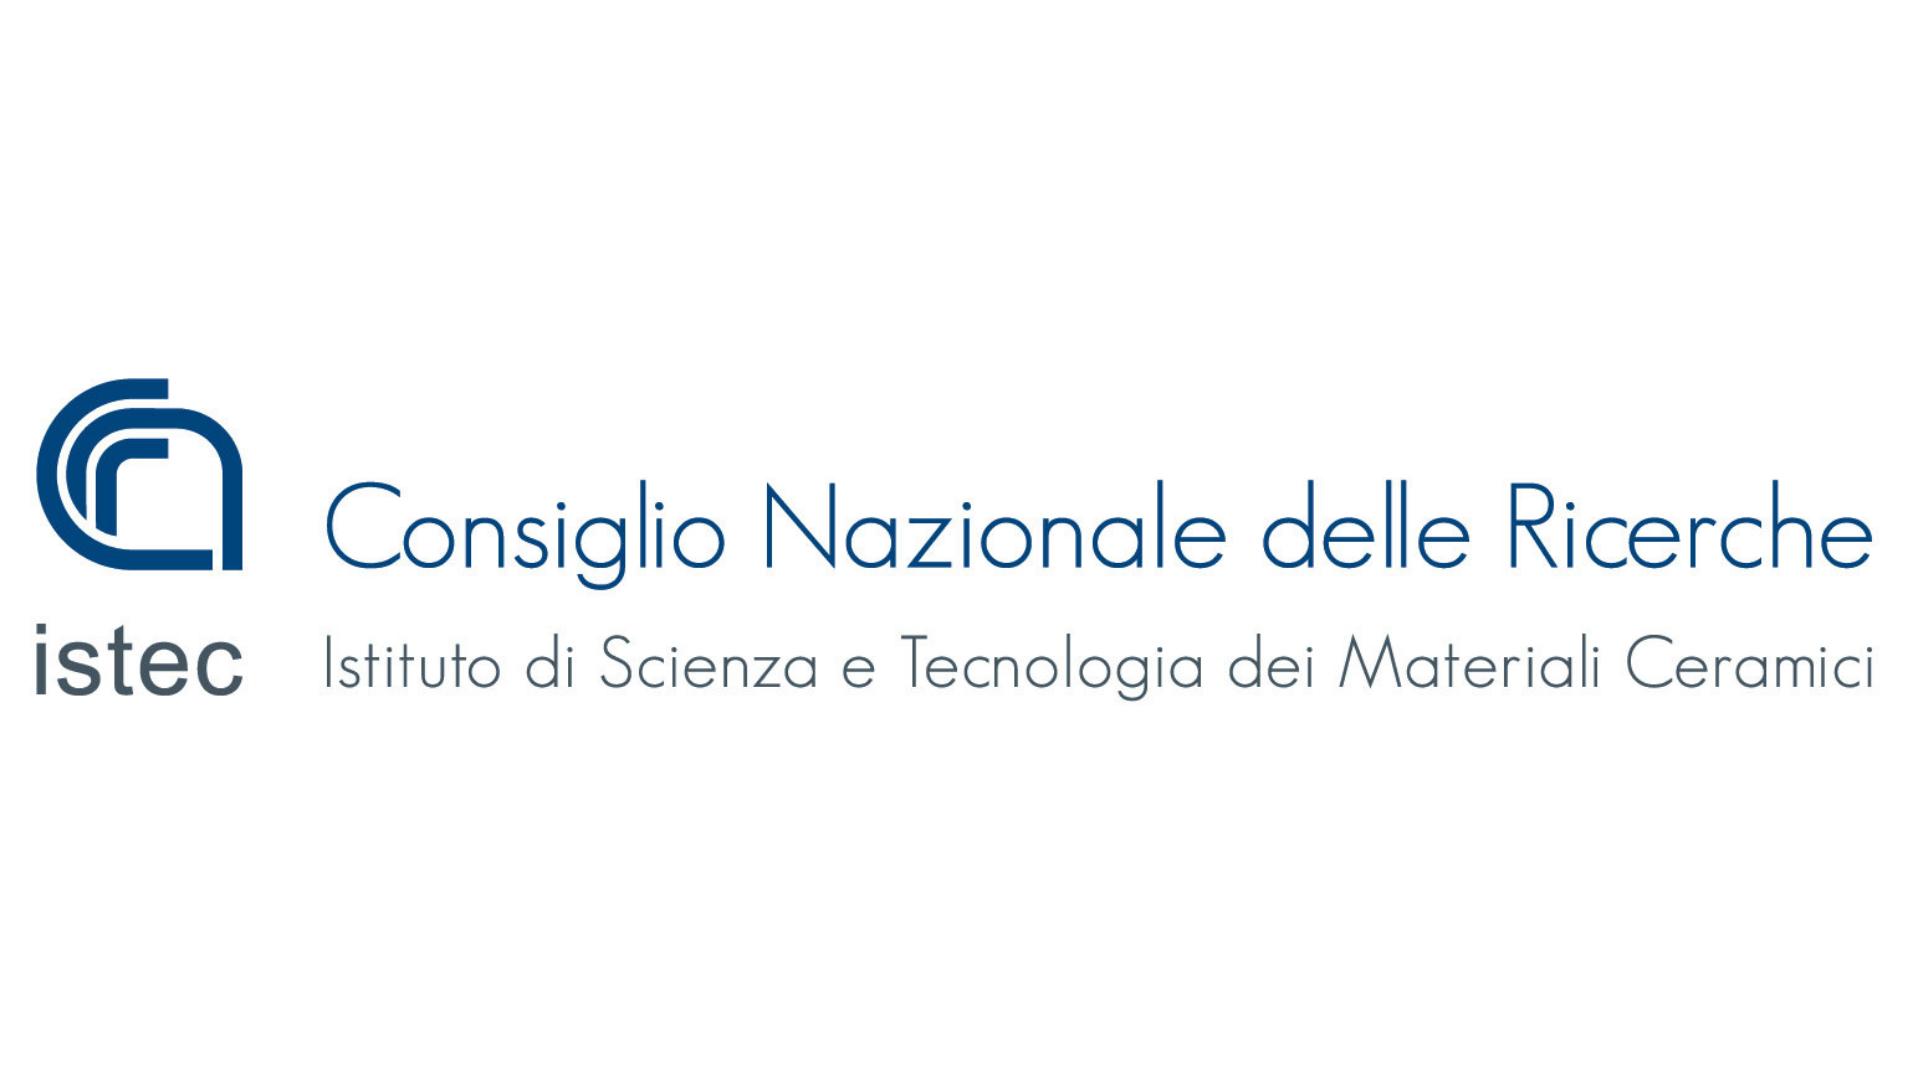 Bando per assegno di ricerca presso l'ISTEC-CNR di Faenza